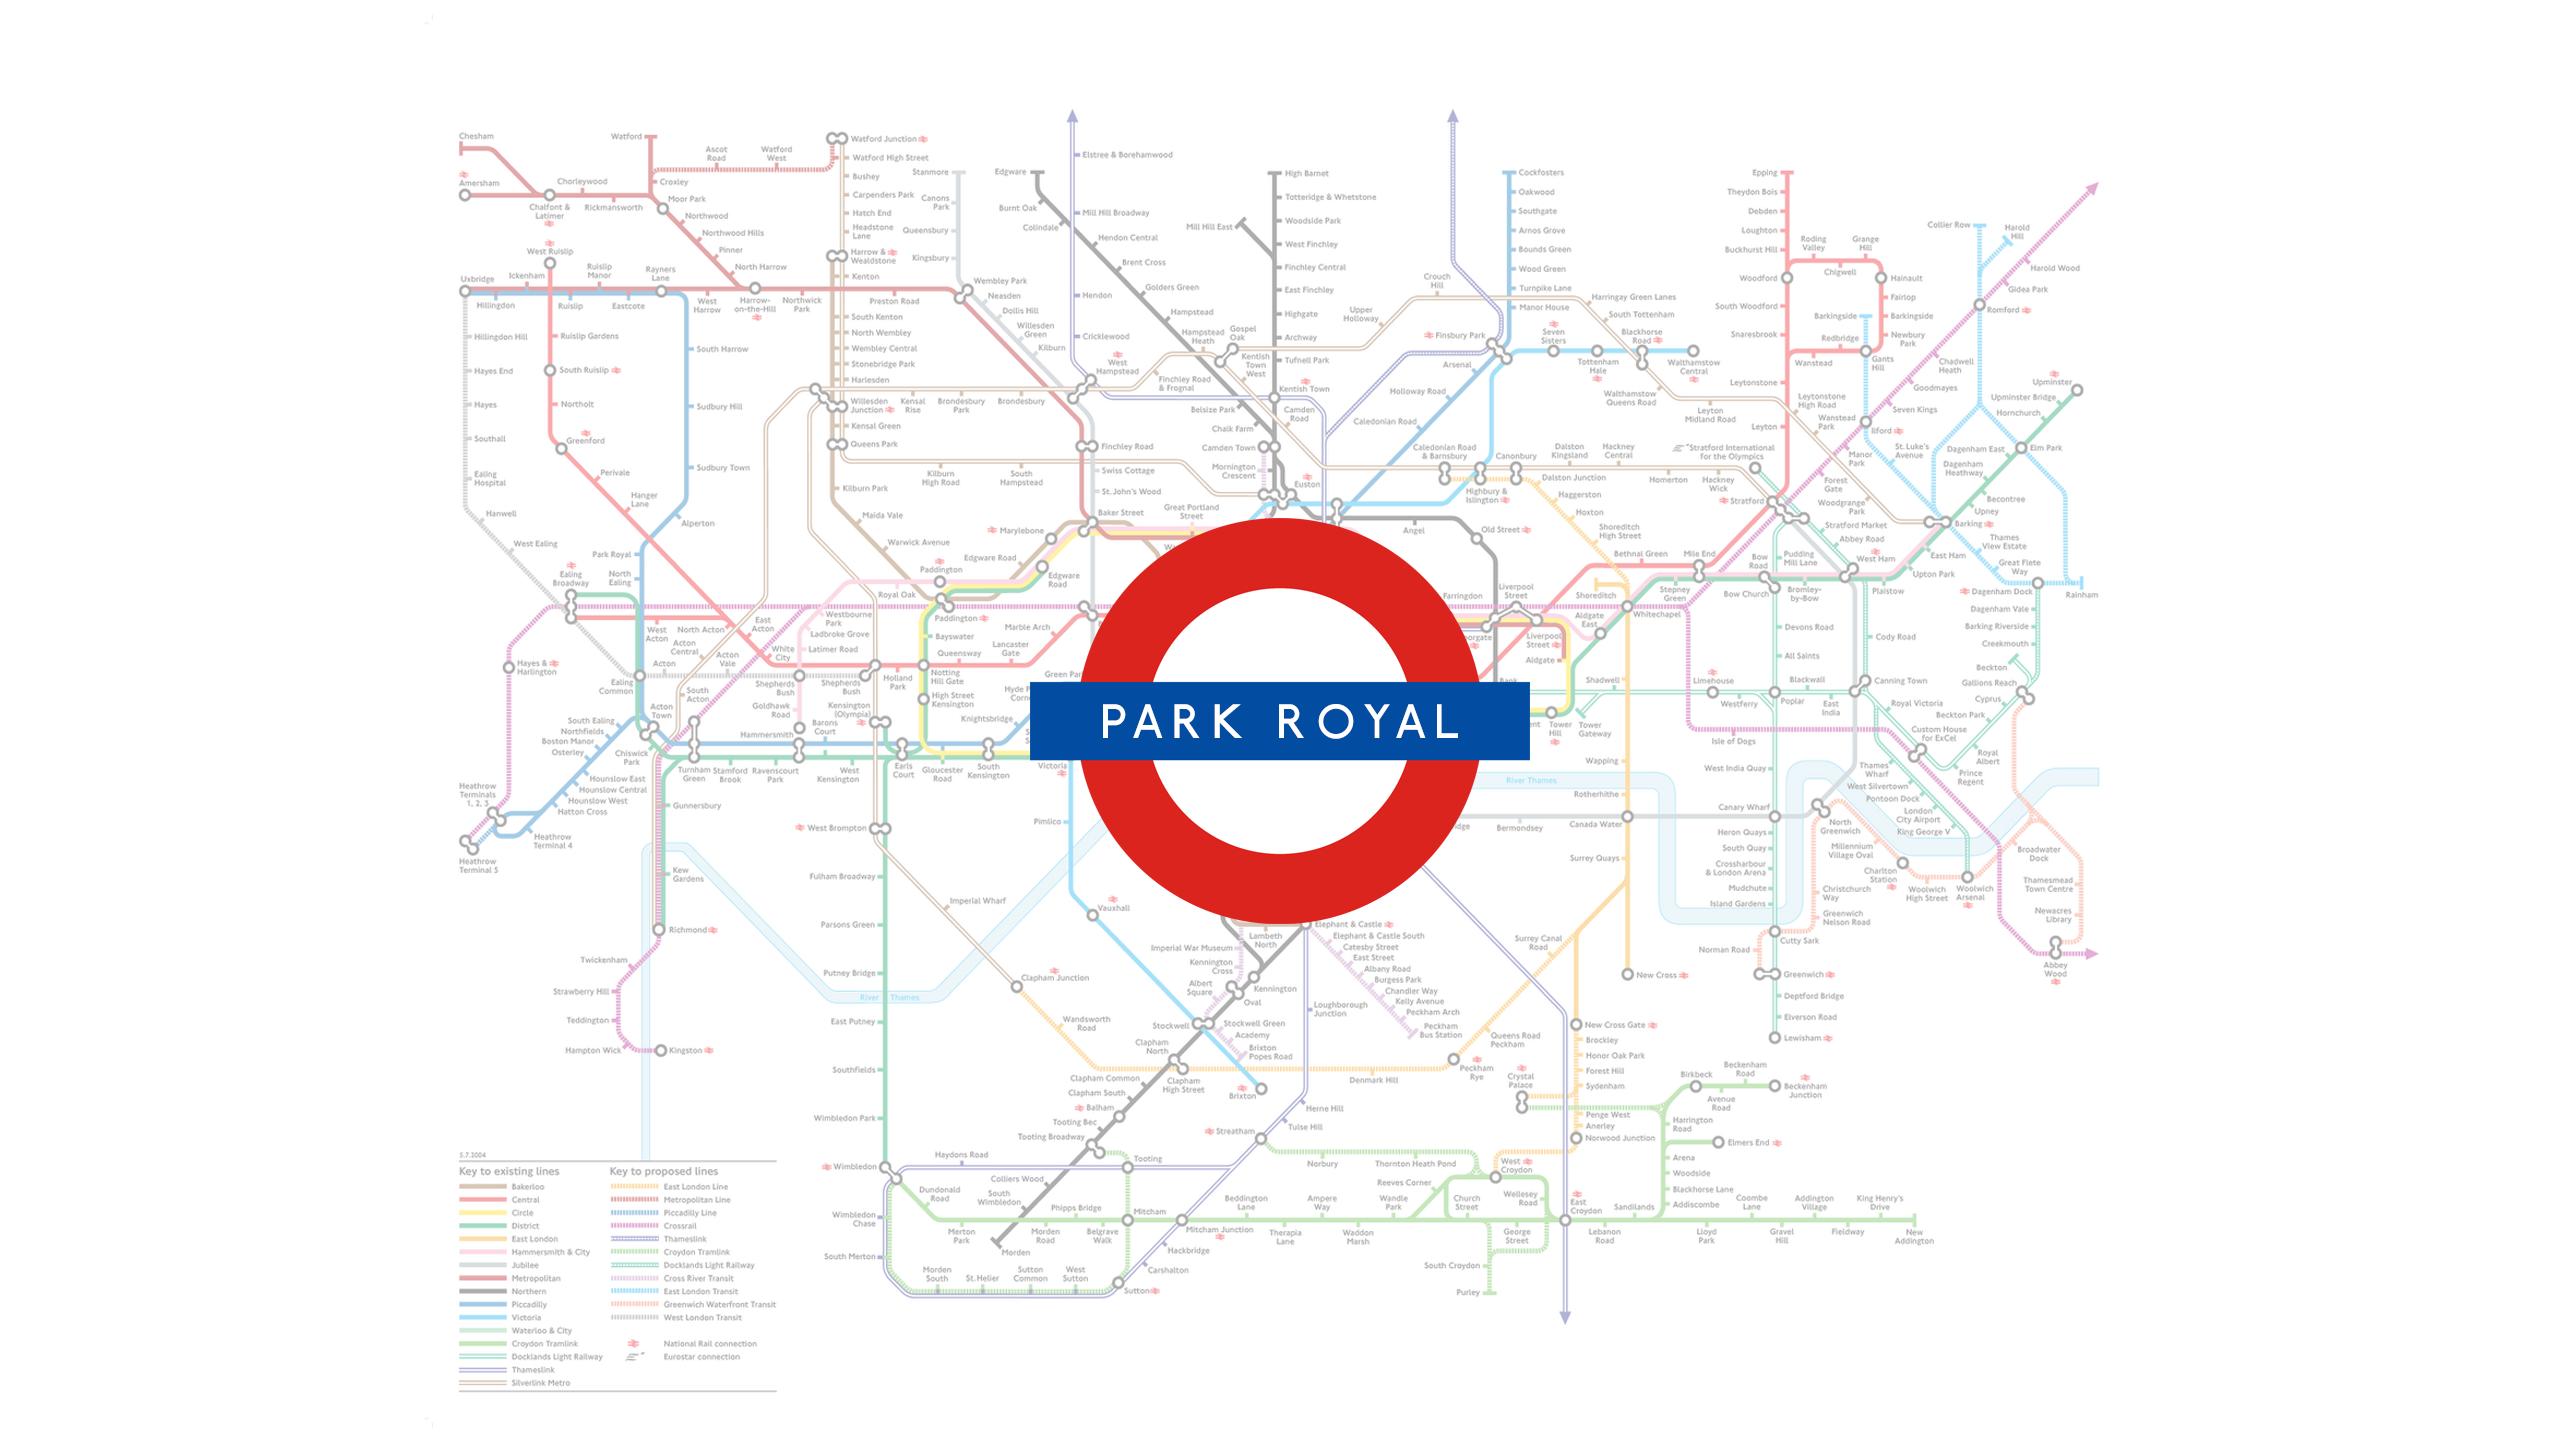 Park Royal (Map)